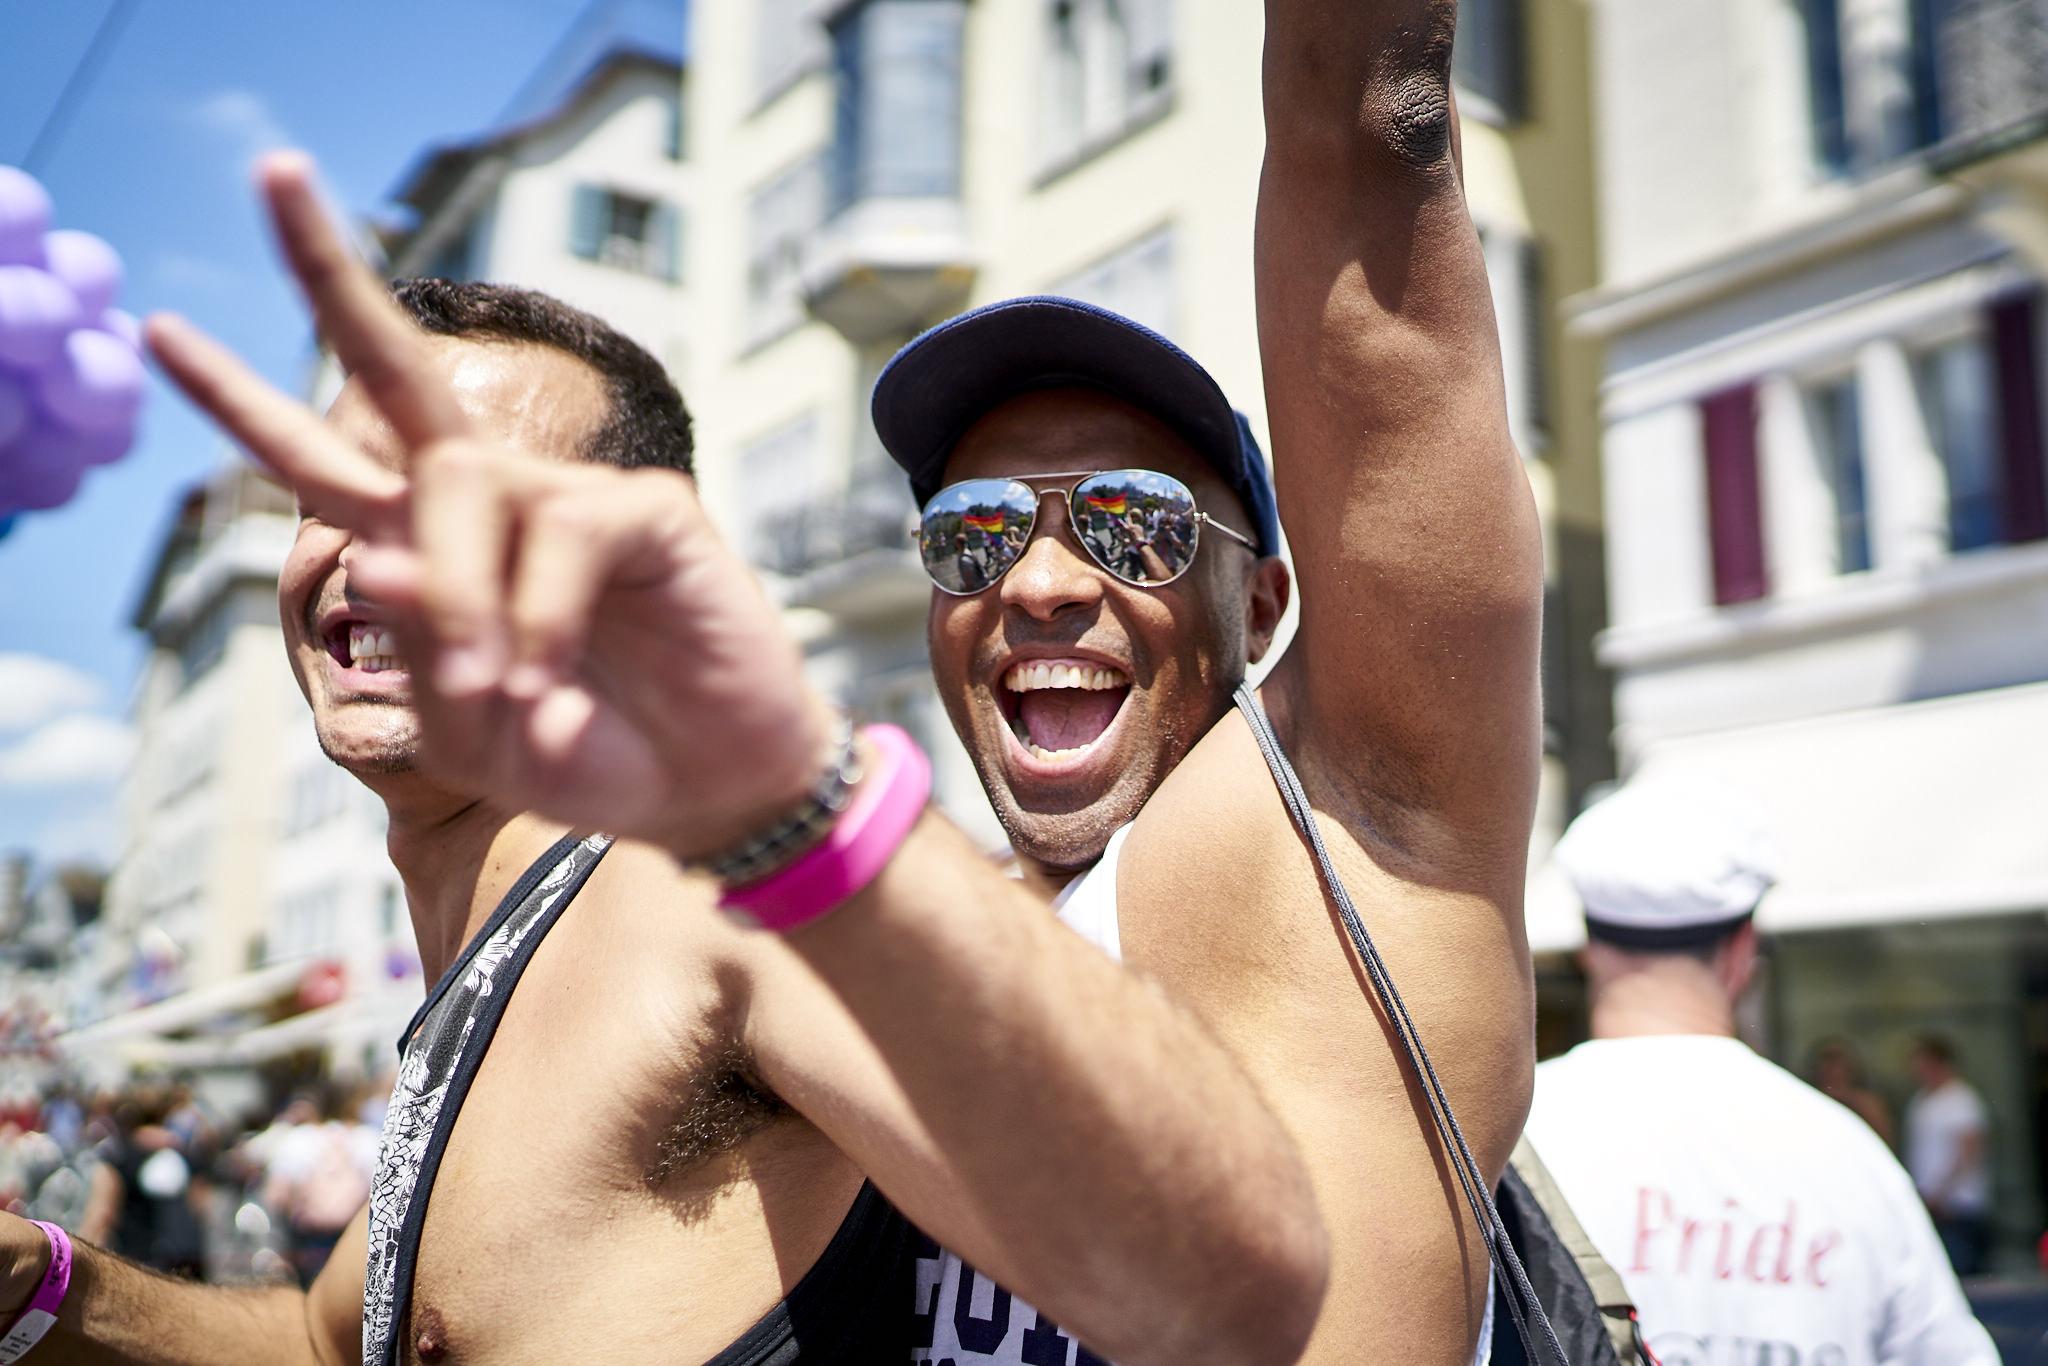 Zurich Pride Parade 2017 LME05711.jpg